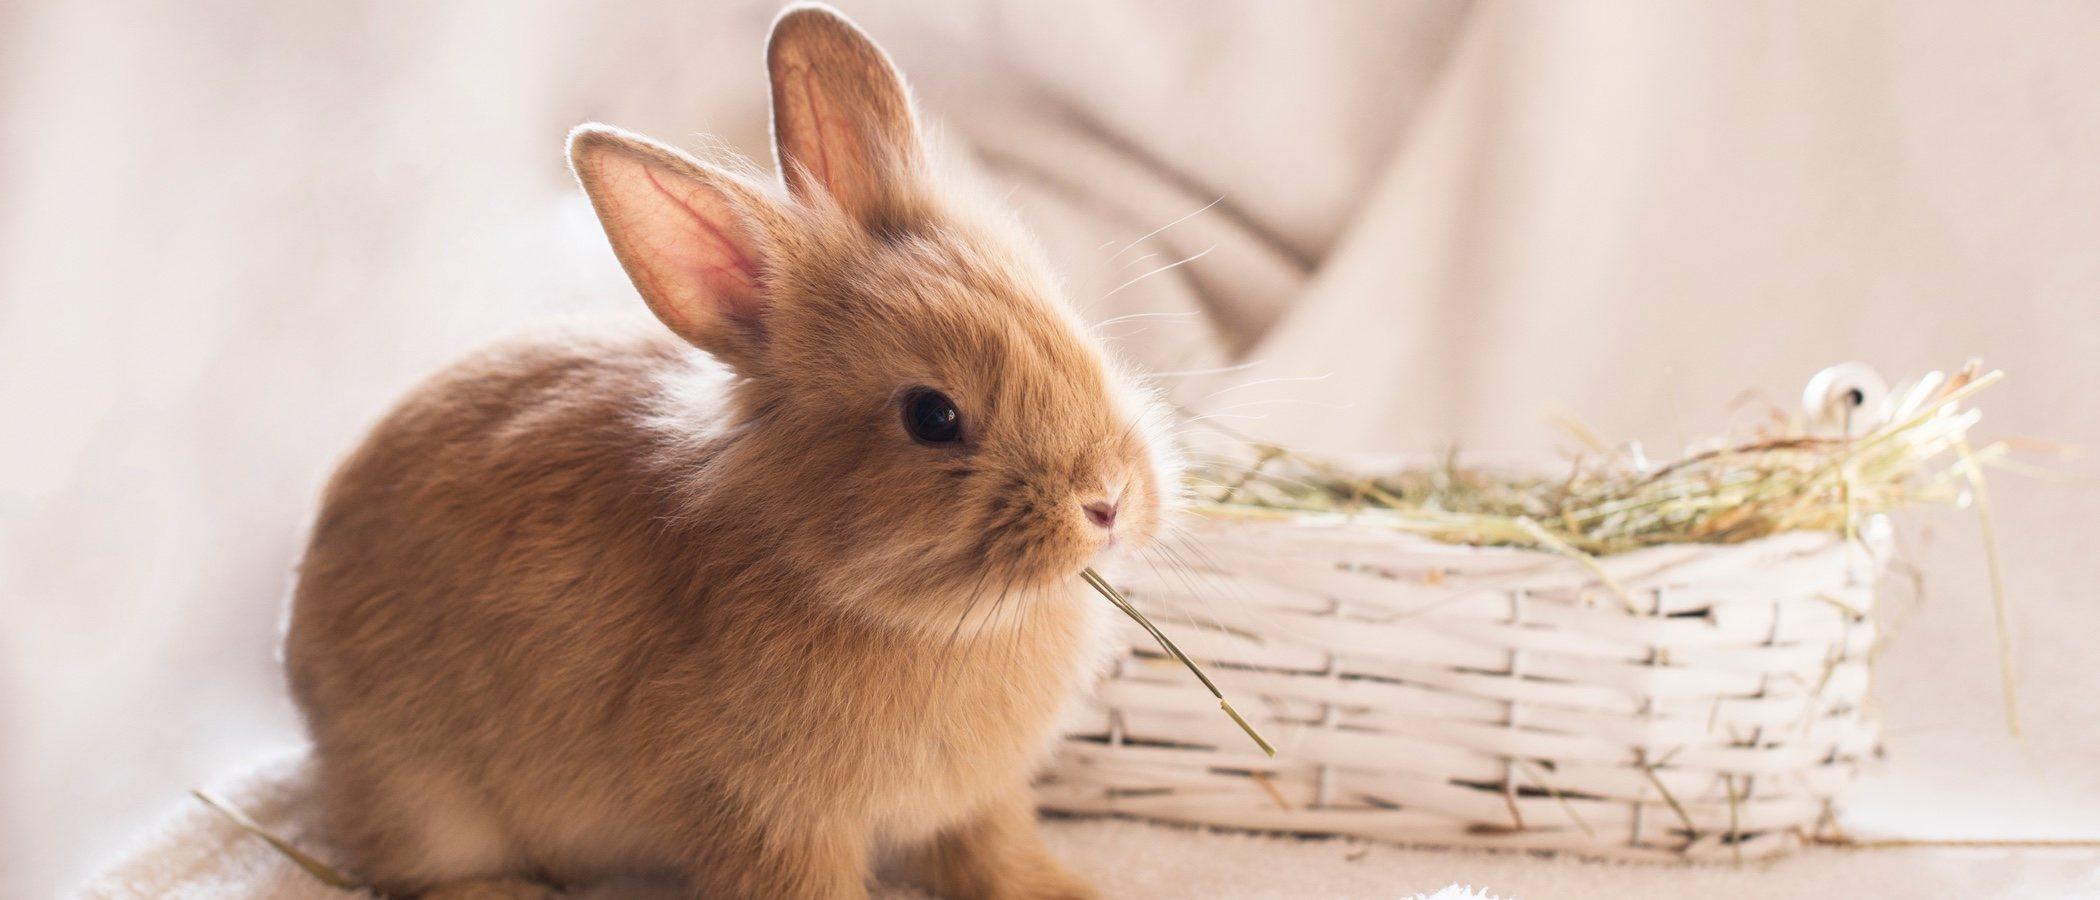 Tipos de heno para conejos